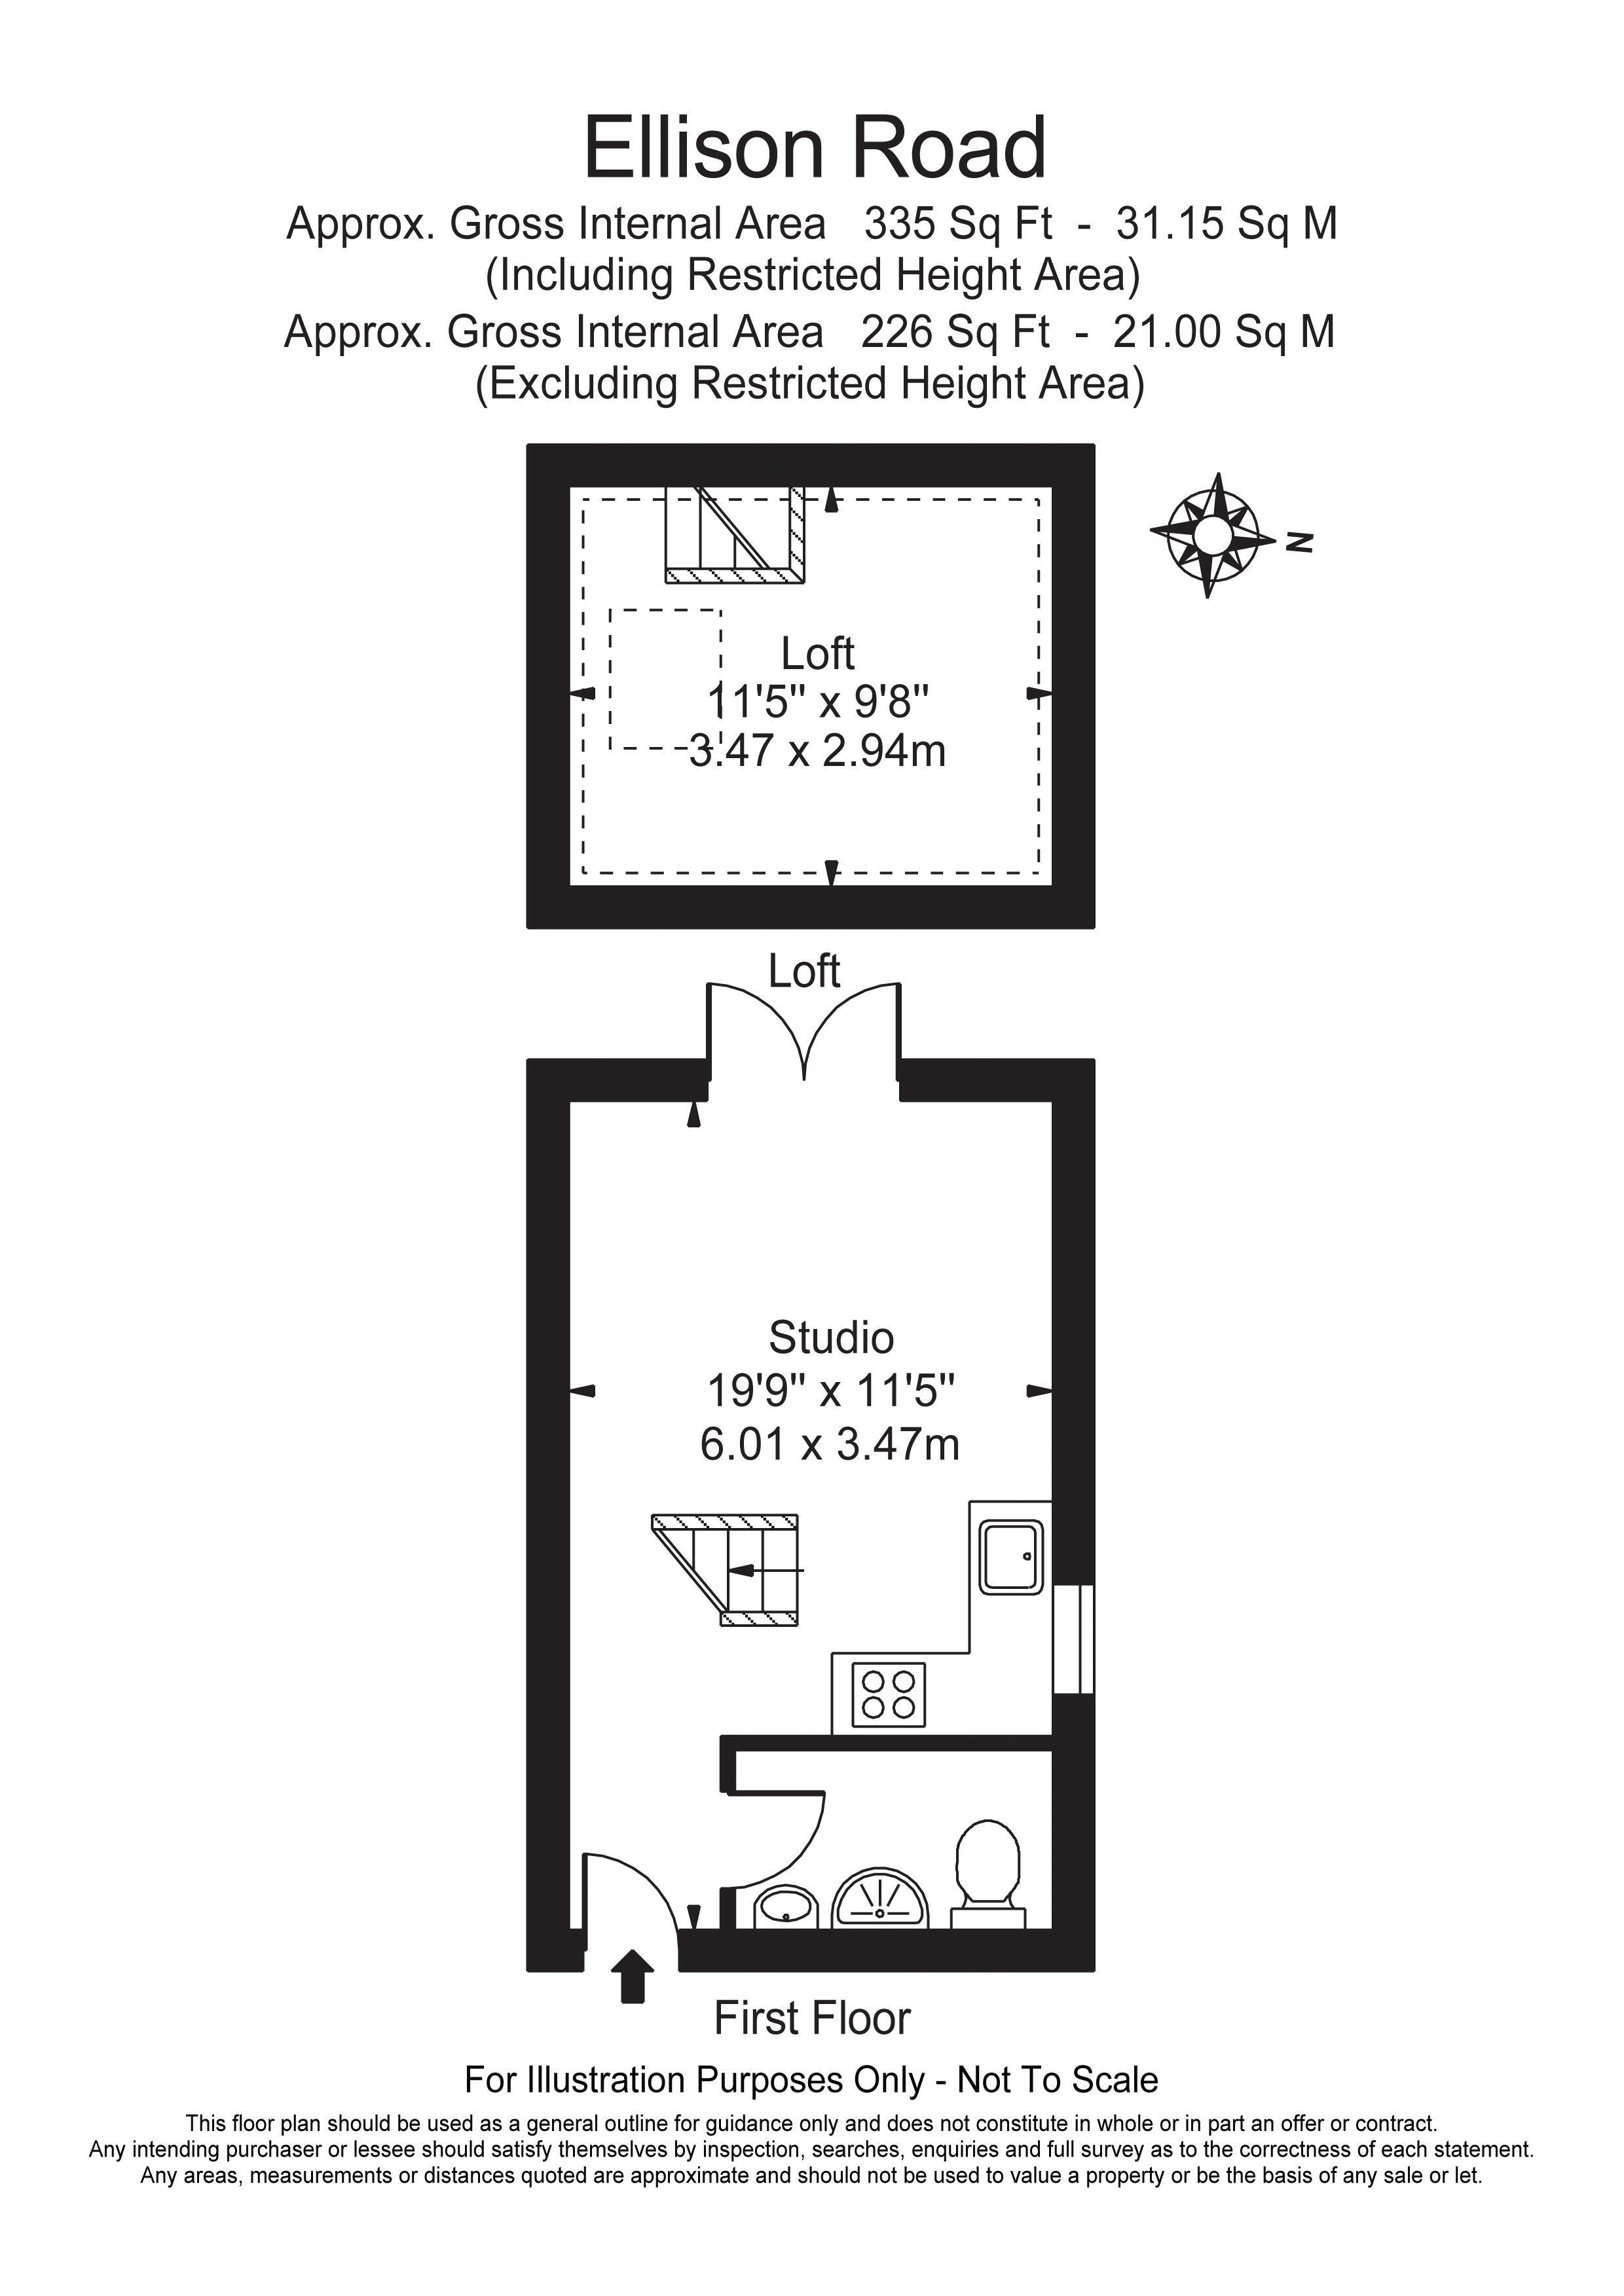 Ellison Road (28D) Floorplan